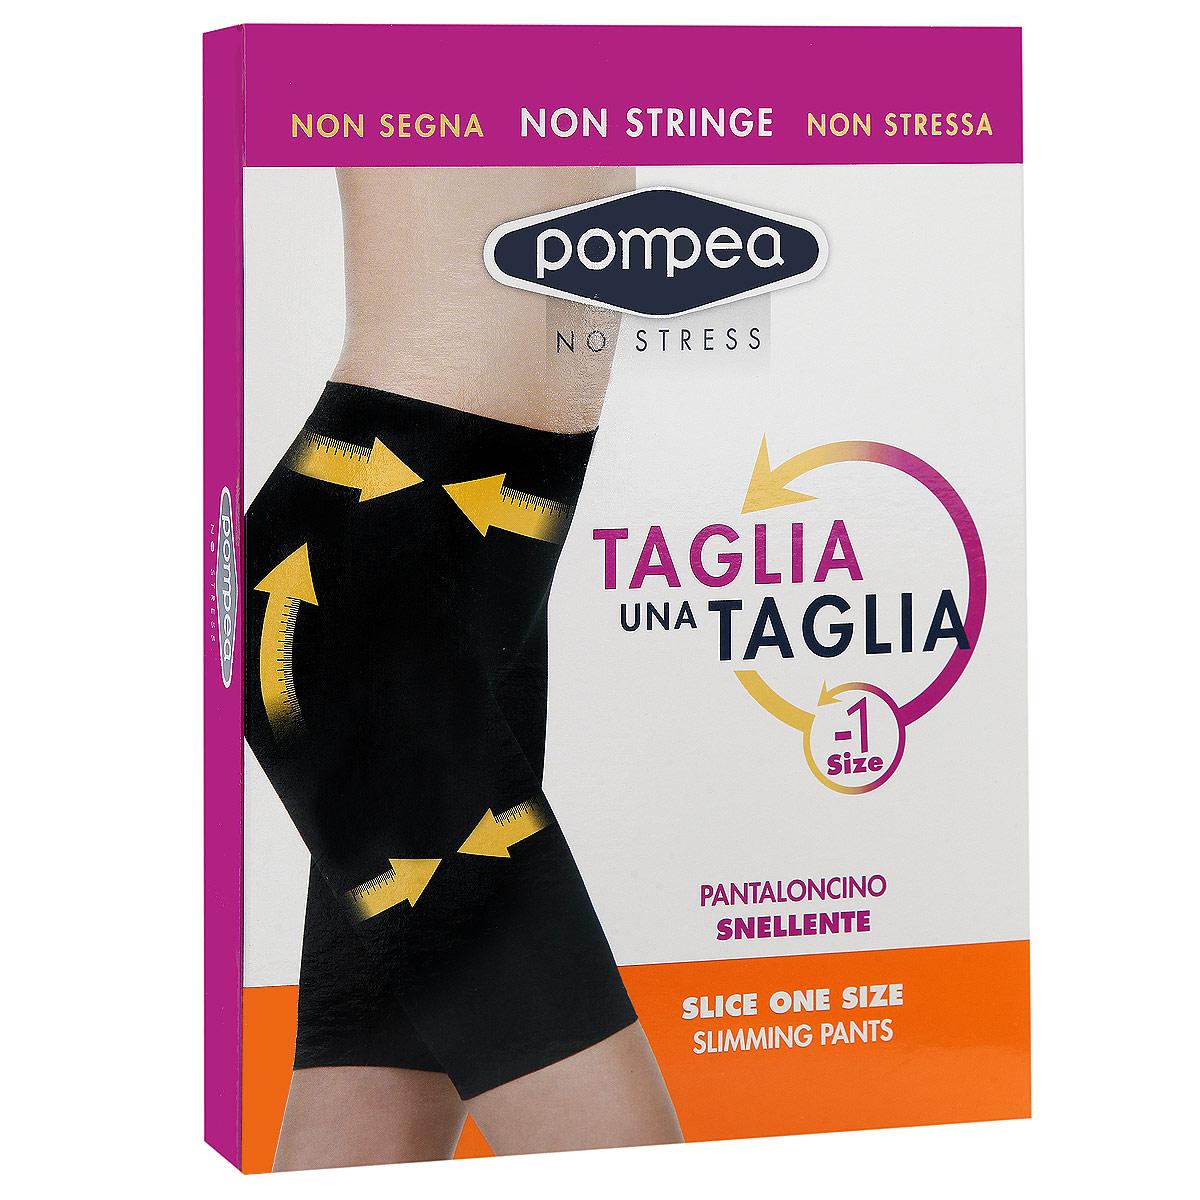 Ciclista Taglia 1 TG PMБесшовные моделирующие женские шорты Pompea Ciclista Taglia 1 TG PM очень удобные и комфортные в носке. Изготовленные из эластичного хлопка, они уменьшают объем на один размер. В этих шортах вы можете одеть любимые вещи, не беспокоясь о недостатках фигуры. Крой шорт необычен, благодаря чему их невозможно заметить под любой одеждой, они практически не ощущаются на коже, позволяют чувствовать себя комфортно и легко.